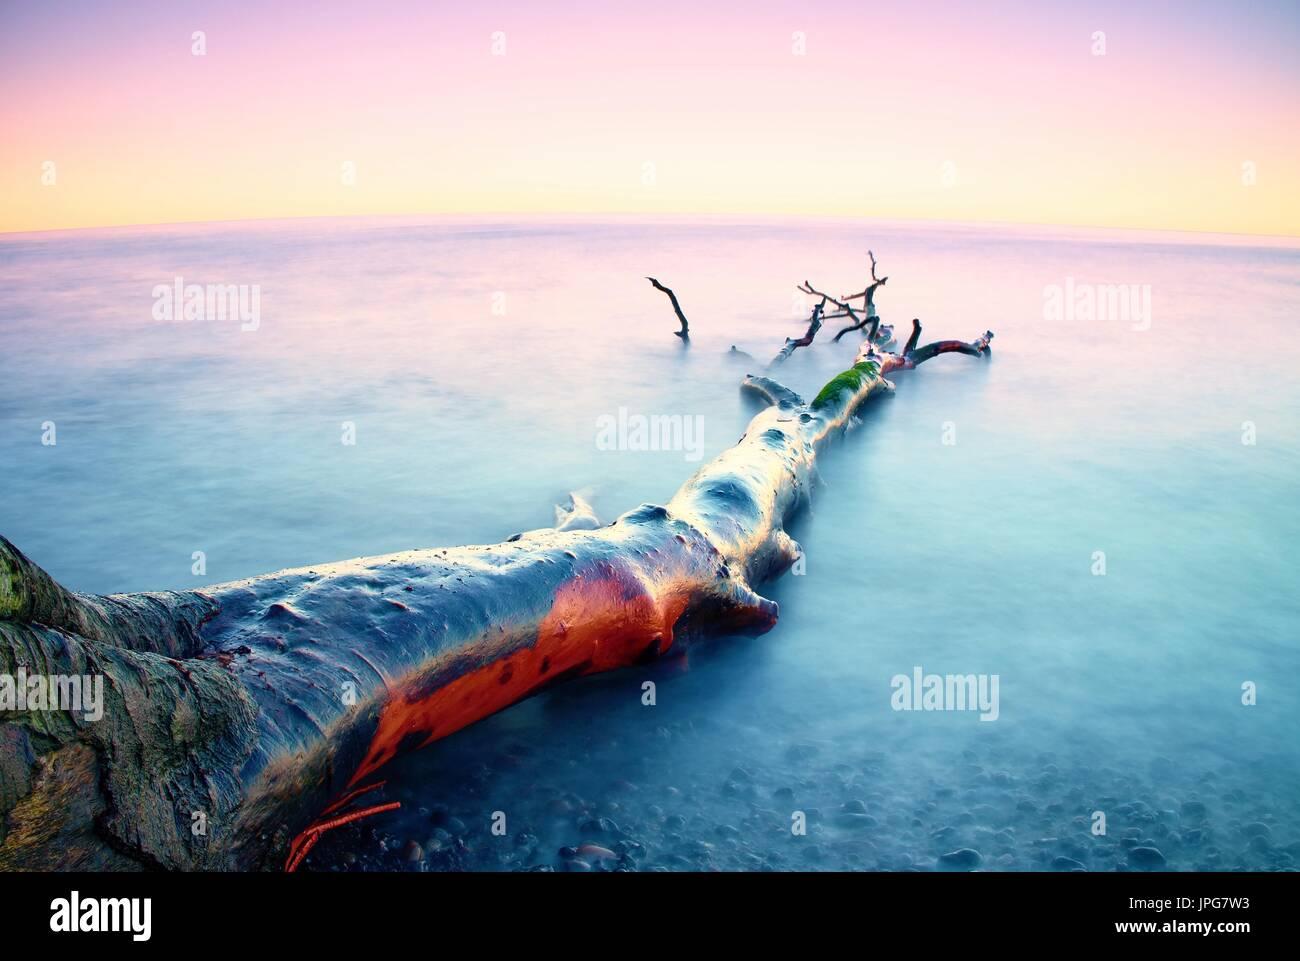 L'heure du coucher du soleil romantique. Seul arbre tombé sur le littoral rocailleux vide. Ciel rose au-dessus du niveau de l'eau douce fumée. Arbre mort avec des branches dans l'eau, nake Photo Stock